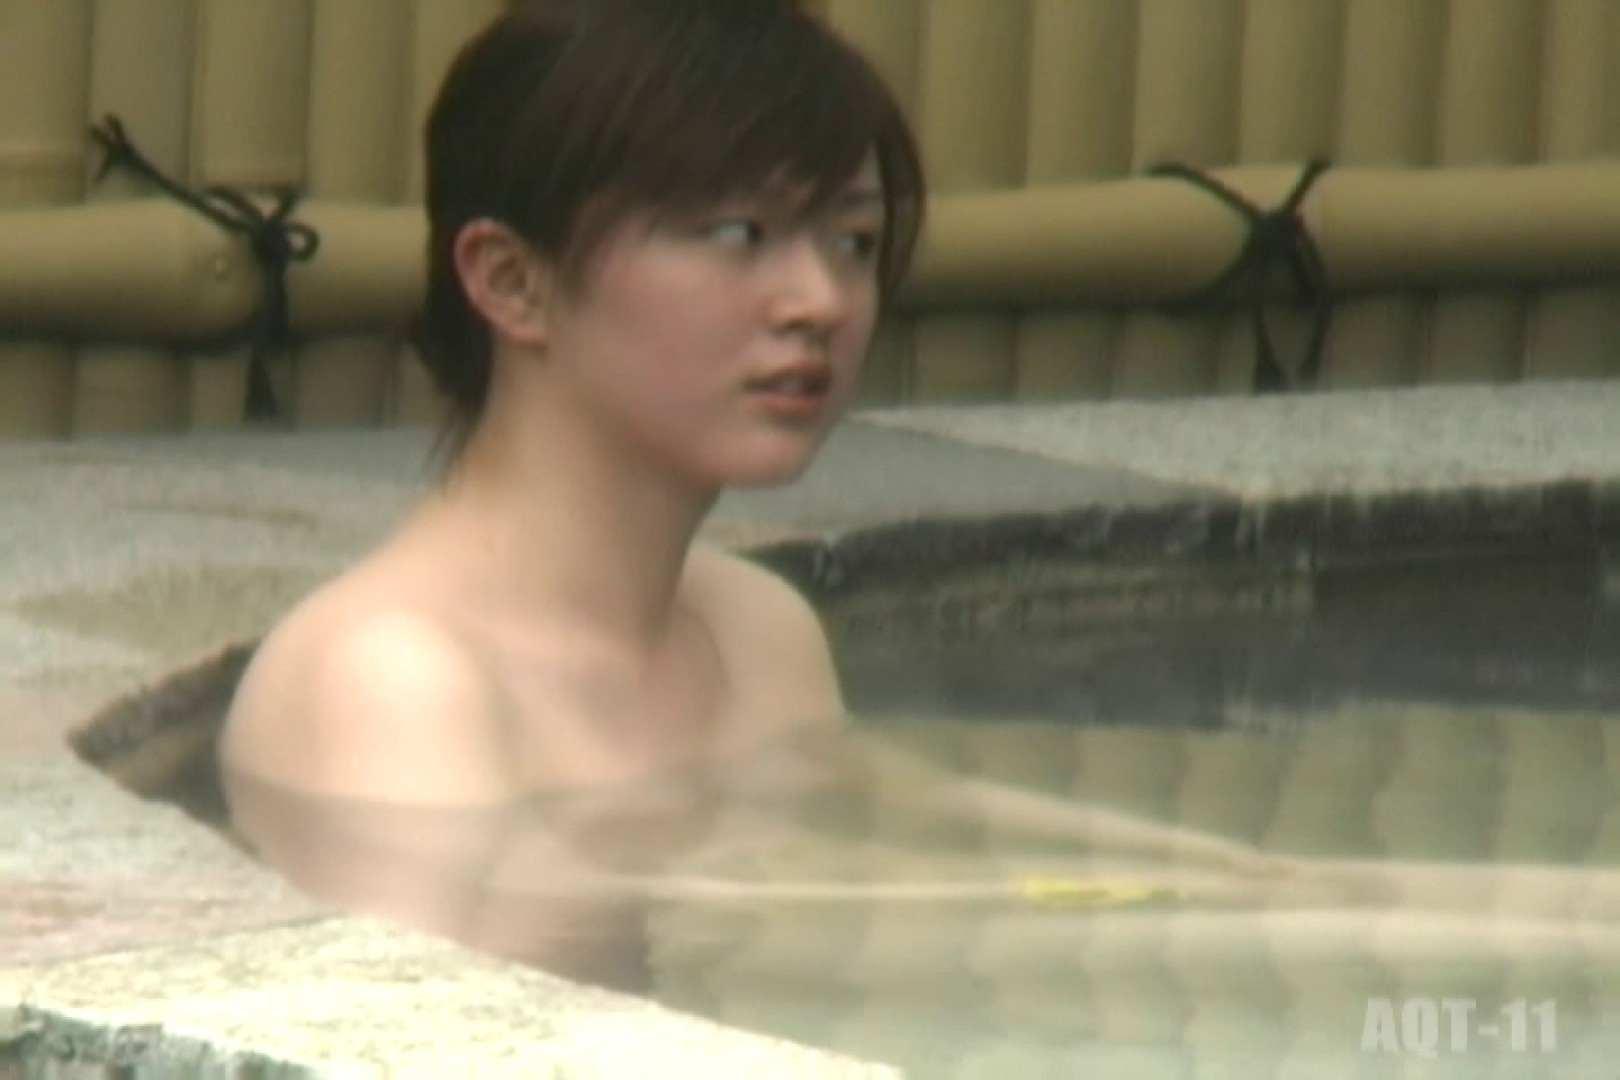 Aquaな露天風呂Vol.797 盗撮 | OLのエロ生活  58連発 43